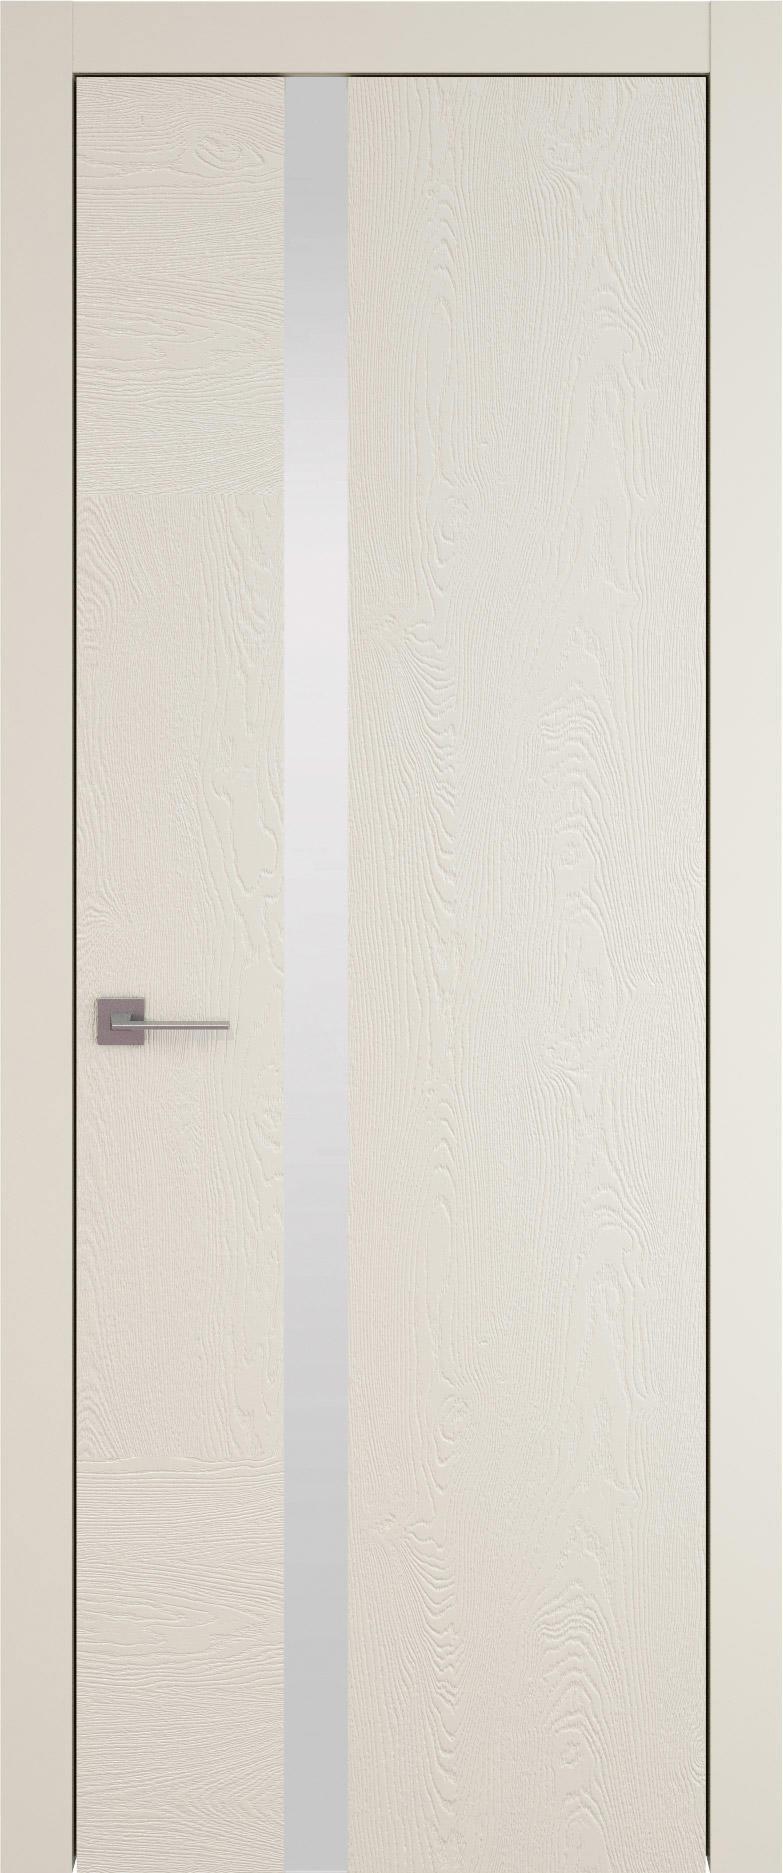 Tivoli Д-1 цвет - Жемчужная эмаль по шпону (RAL 1013) Без стекла (ДГ)